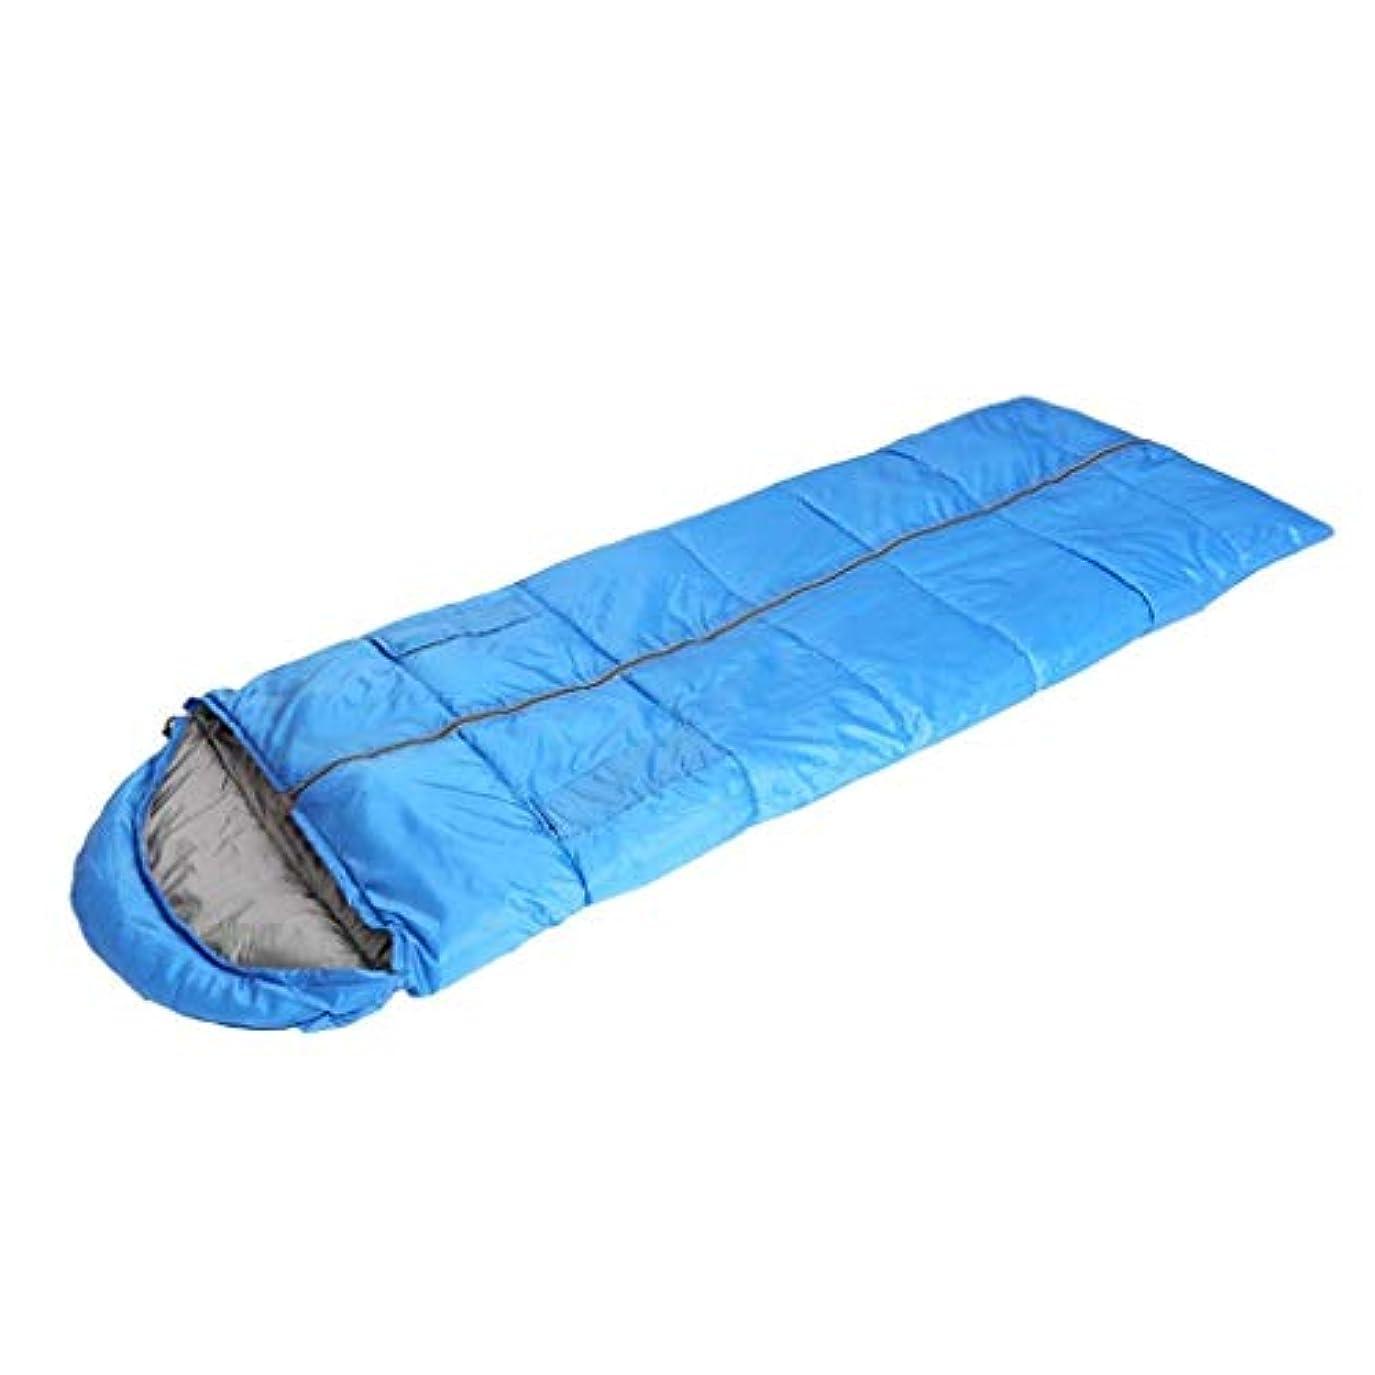 殉教者告発塊ライトキャンプ寝袋寒い冬暖かい屋内睡眠マット4シーズン大人のためのハイキングバックパックハイキング野外活動青